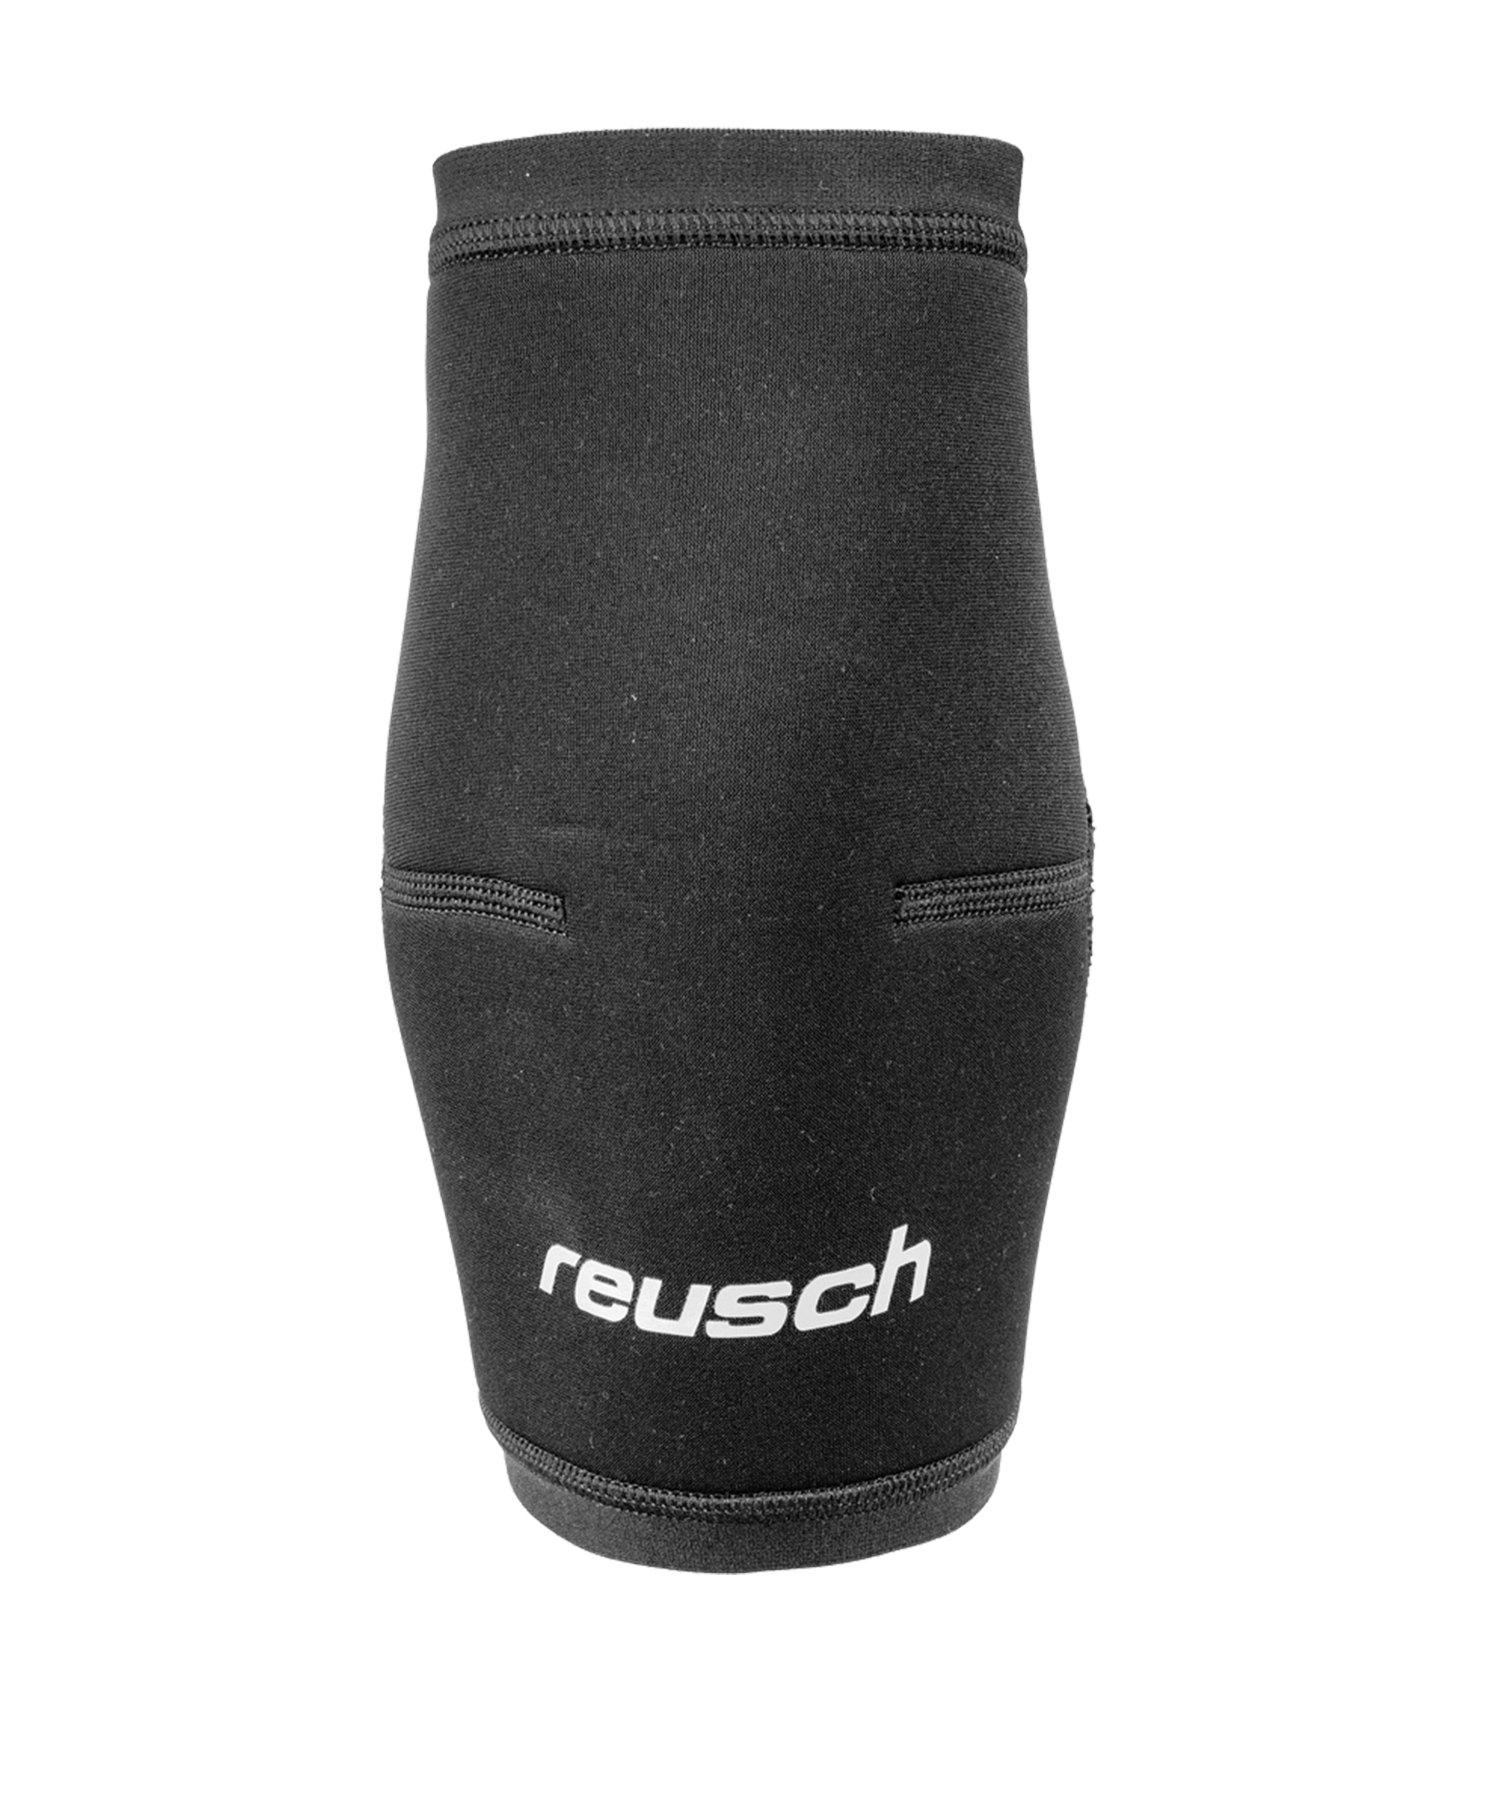 Reusch GK Compression Elbow Support F700 - schwarz